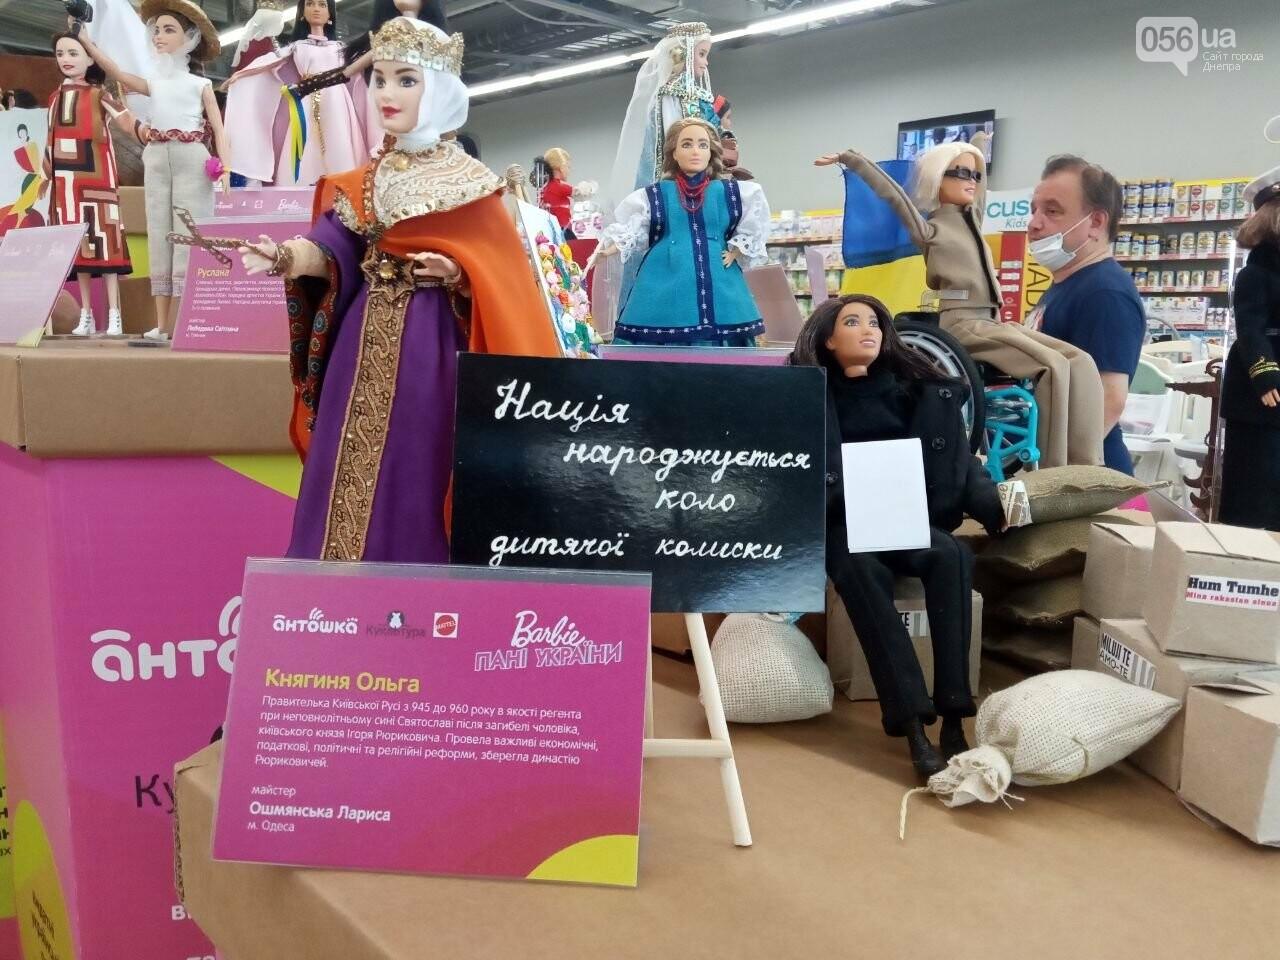 В Днепре продолжают гостить куклы Barbie, - ФОТО, фото-1